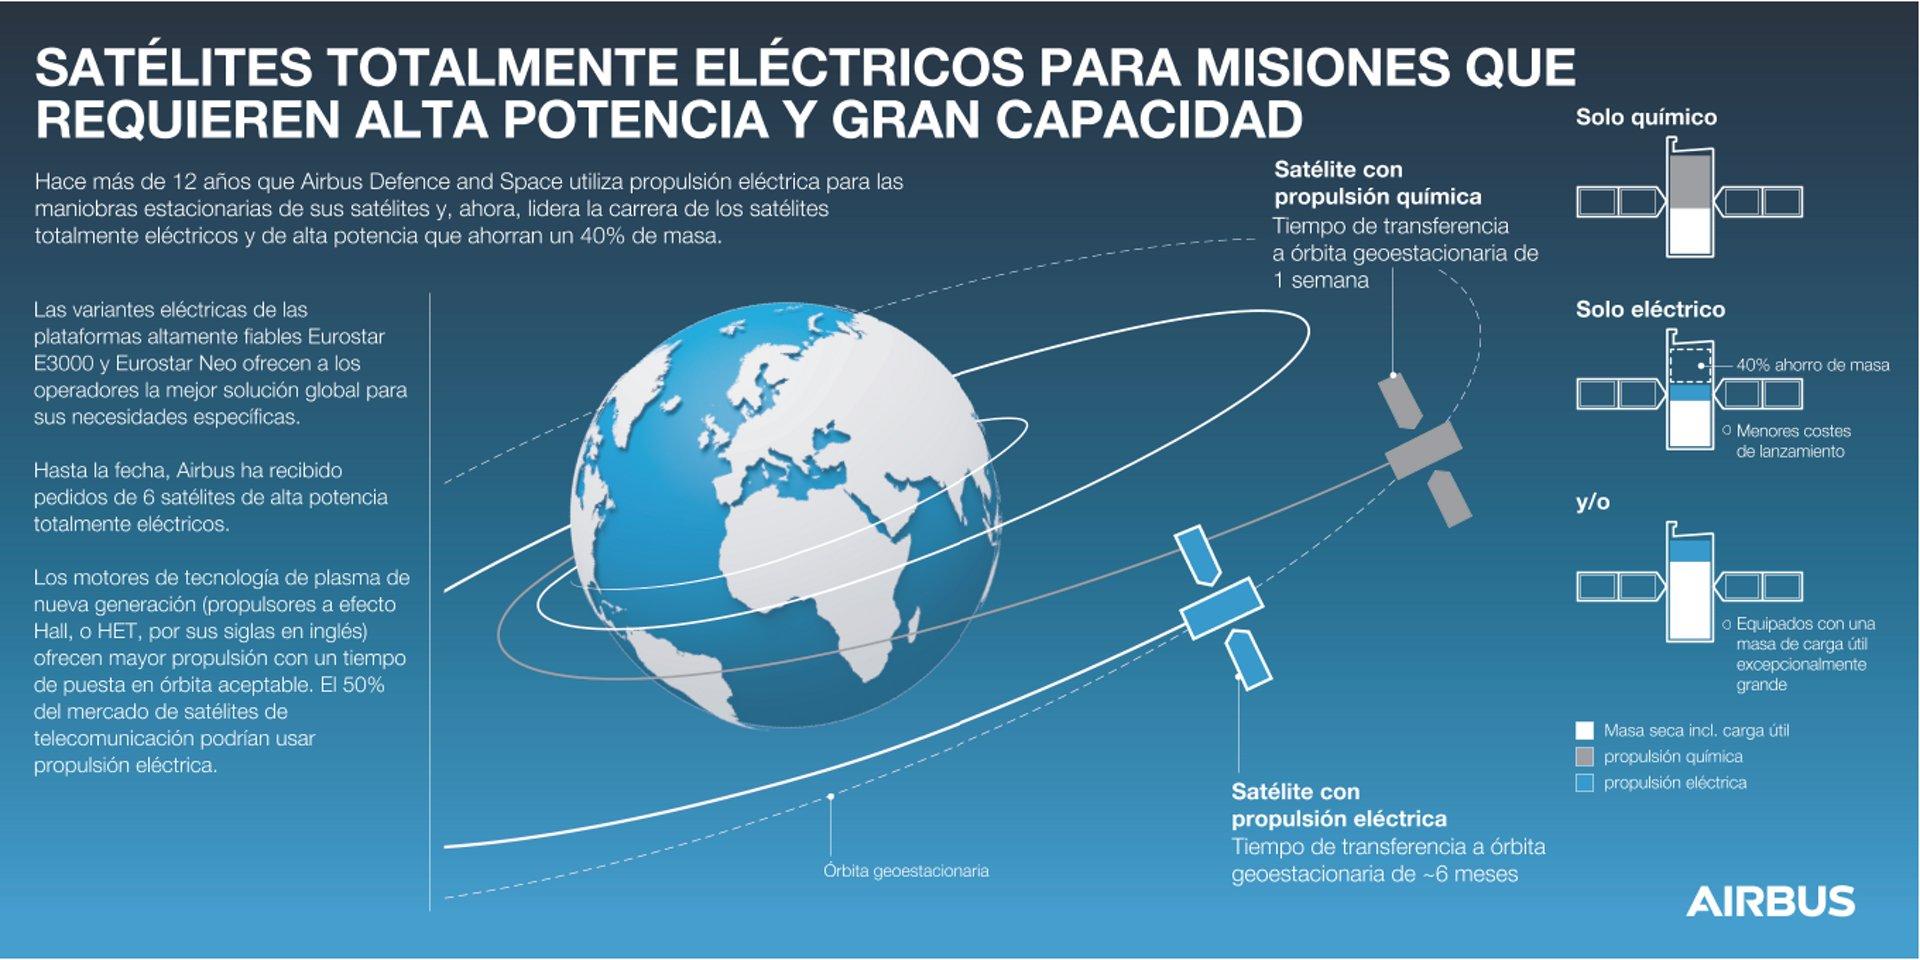 All-ElectricPropulsion-Satellites-ES-Copyright-Airbus2017